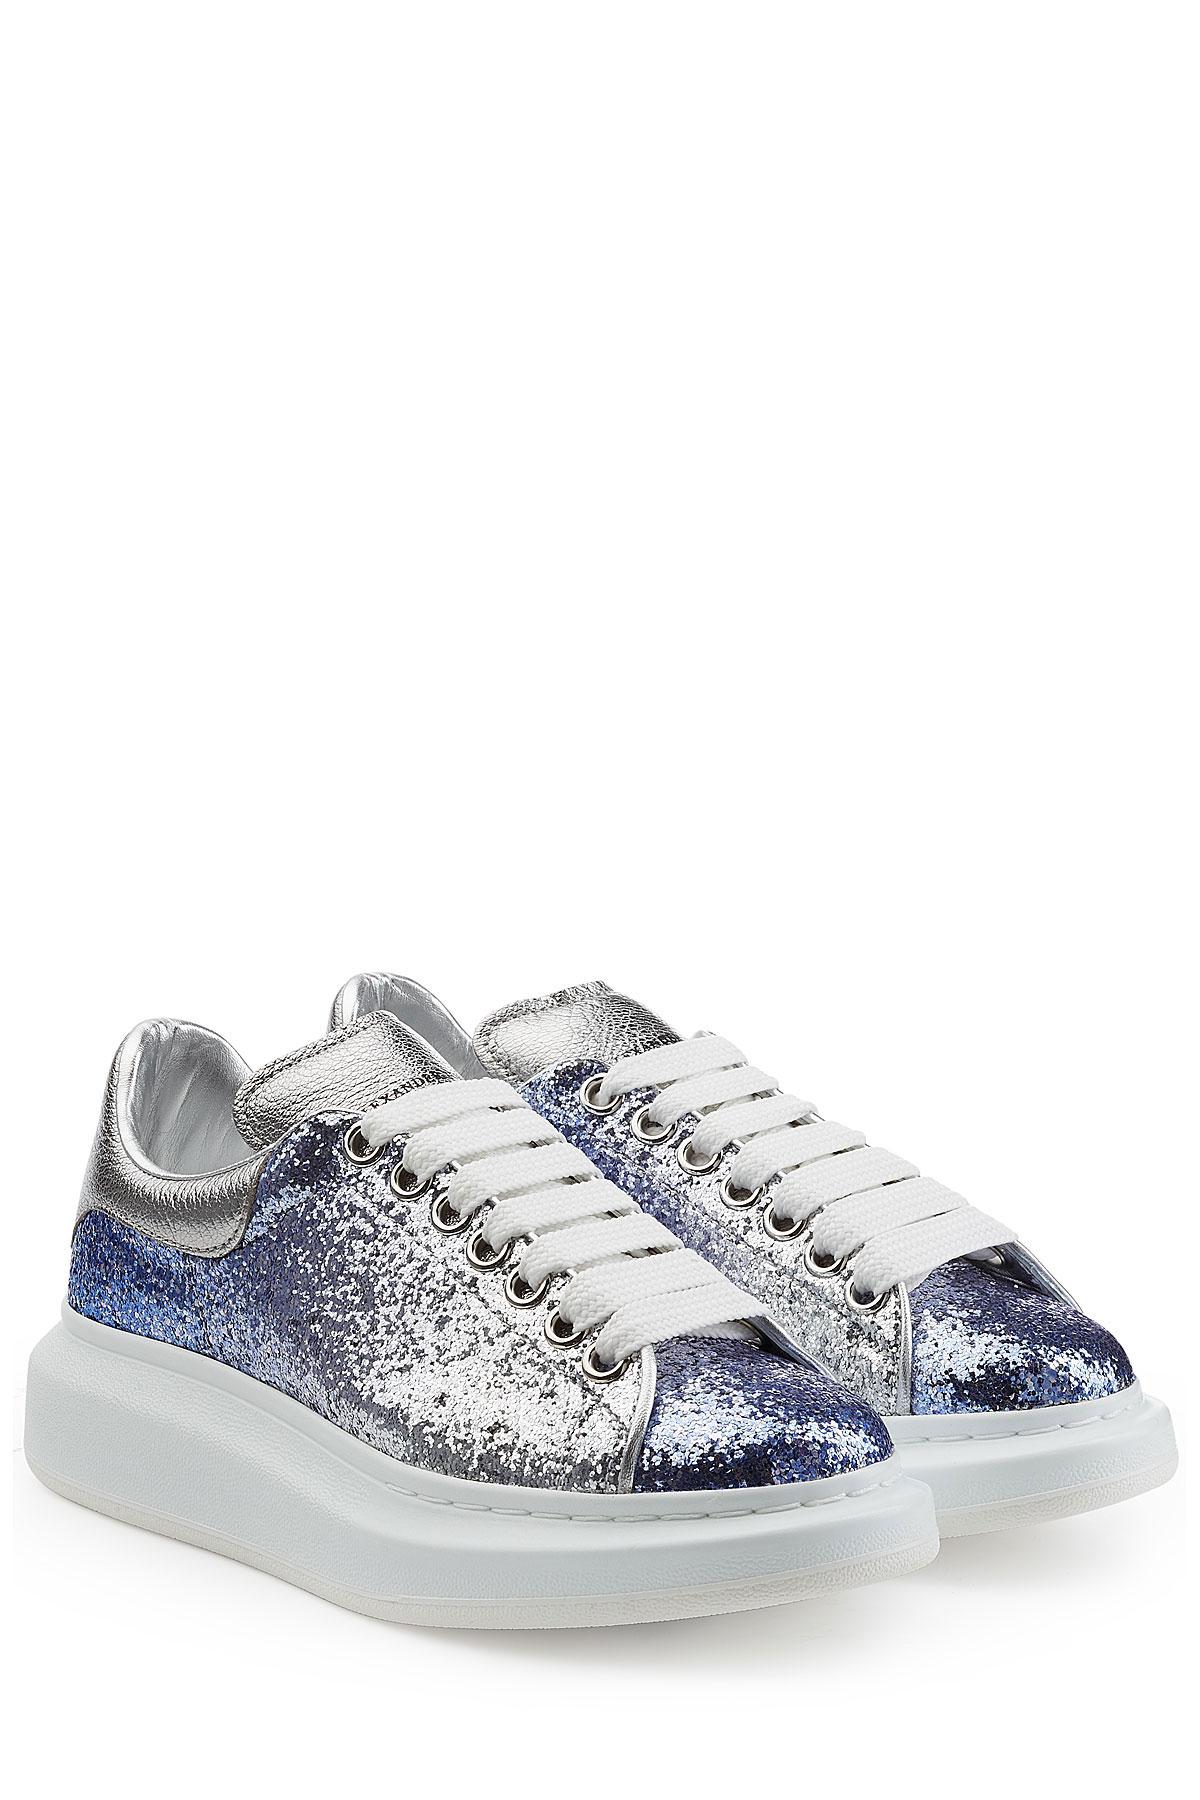 e76628d3cd6b Alexander McQueen Glitter Sneakers - Silver in Metallic - Lyst